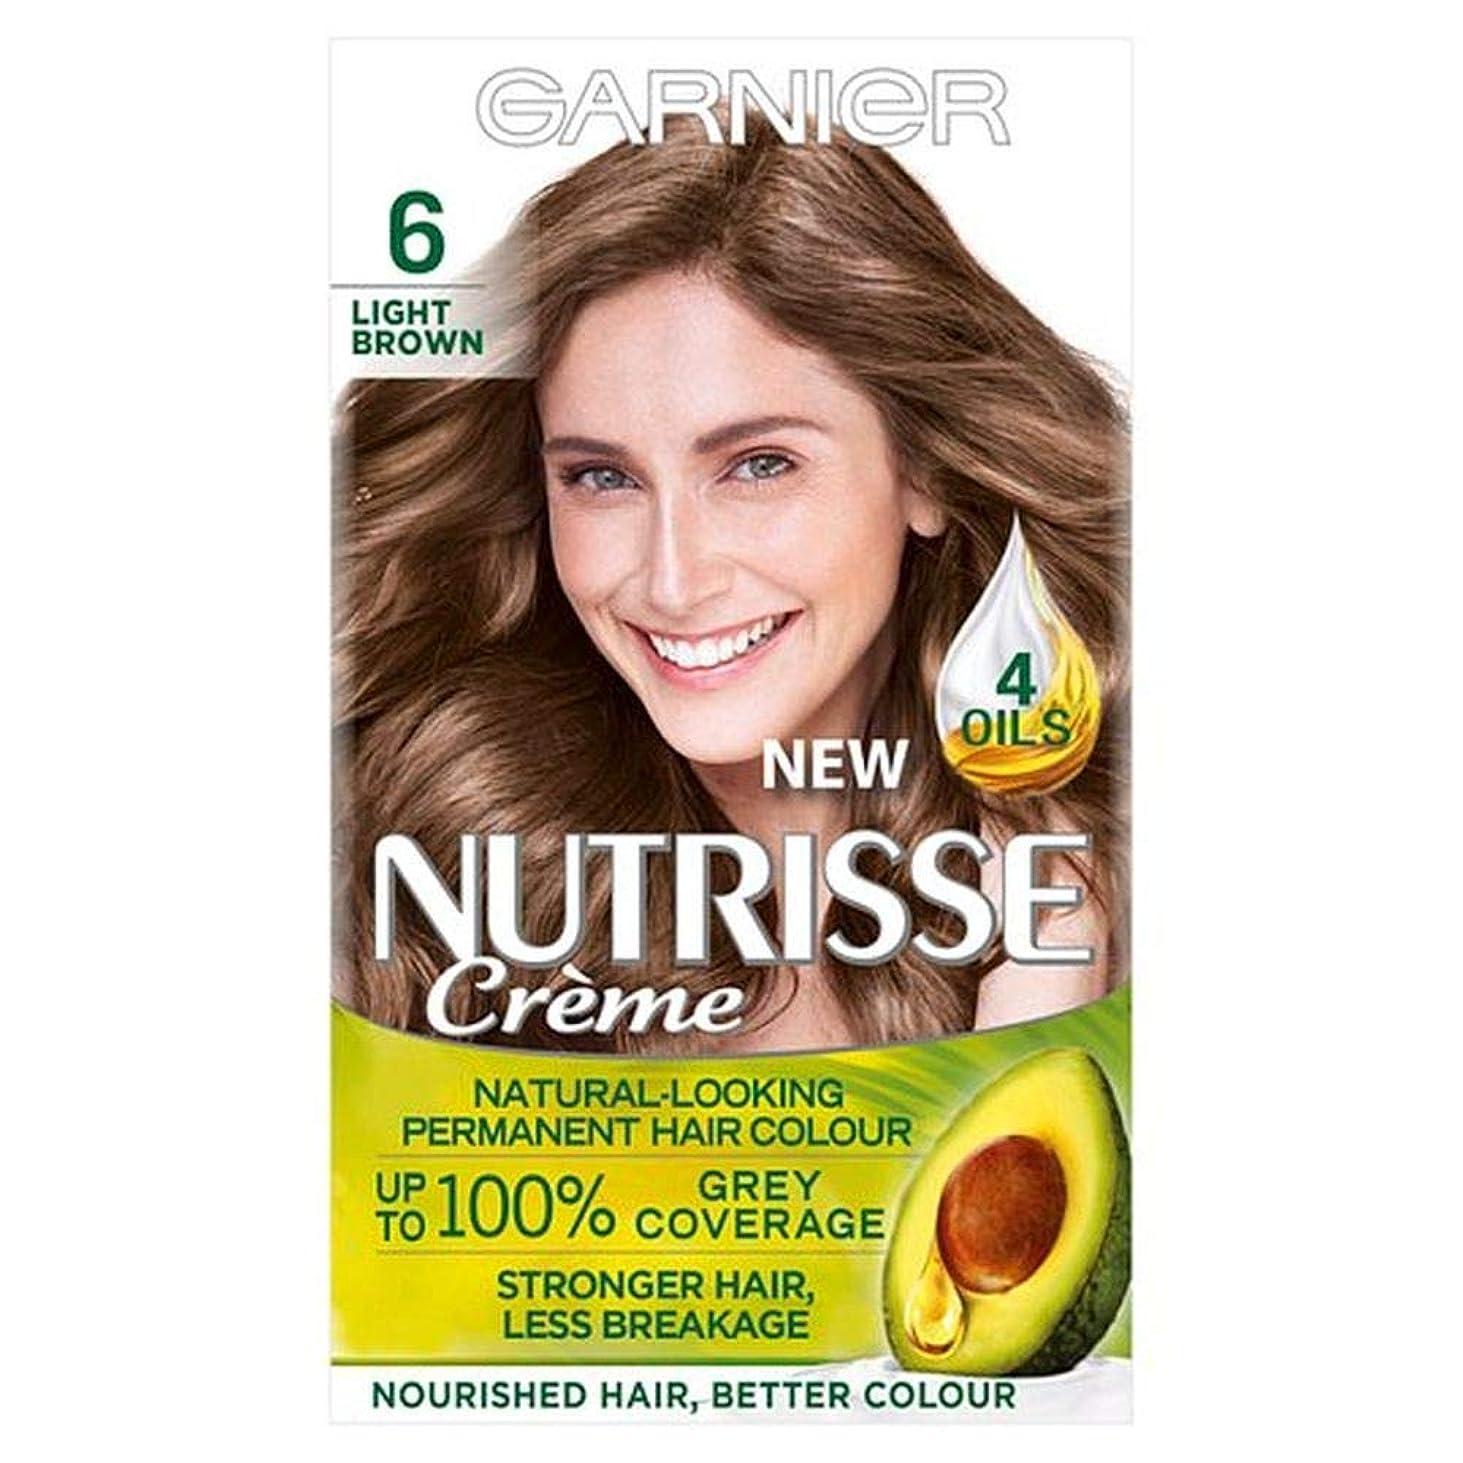 テレマコス何よりも火[Nutrisse] ガルニエNutrisse 6ライトブラウンパーマネントヘアダイ - Garnier Nutrisse 6 Light Brown Permanent Hair Dye [並行輸入品]